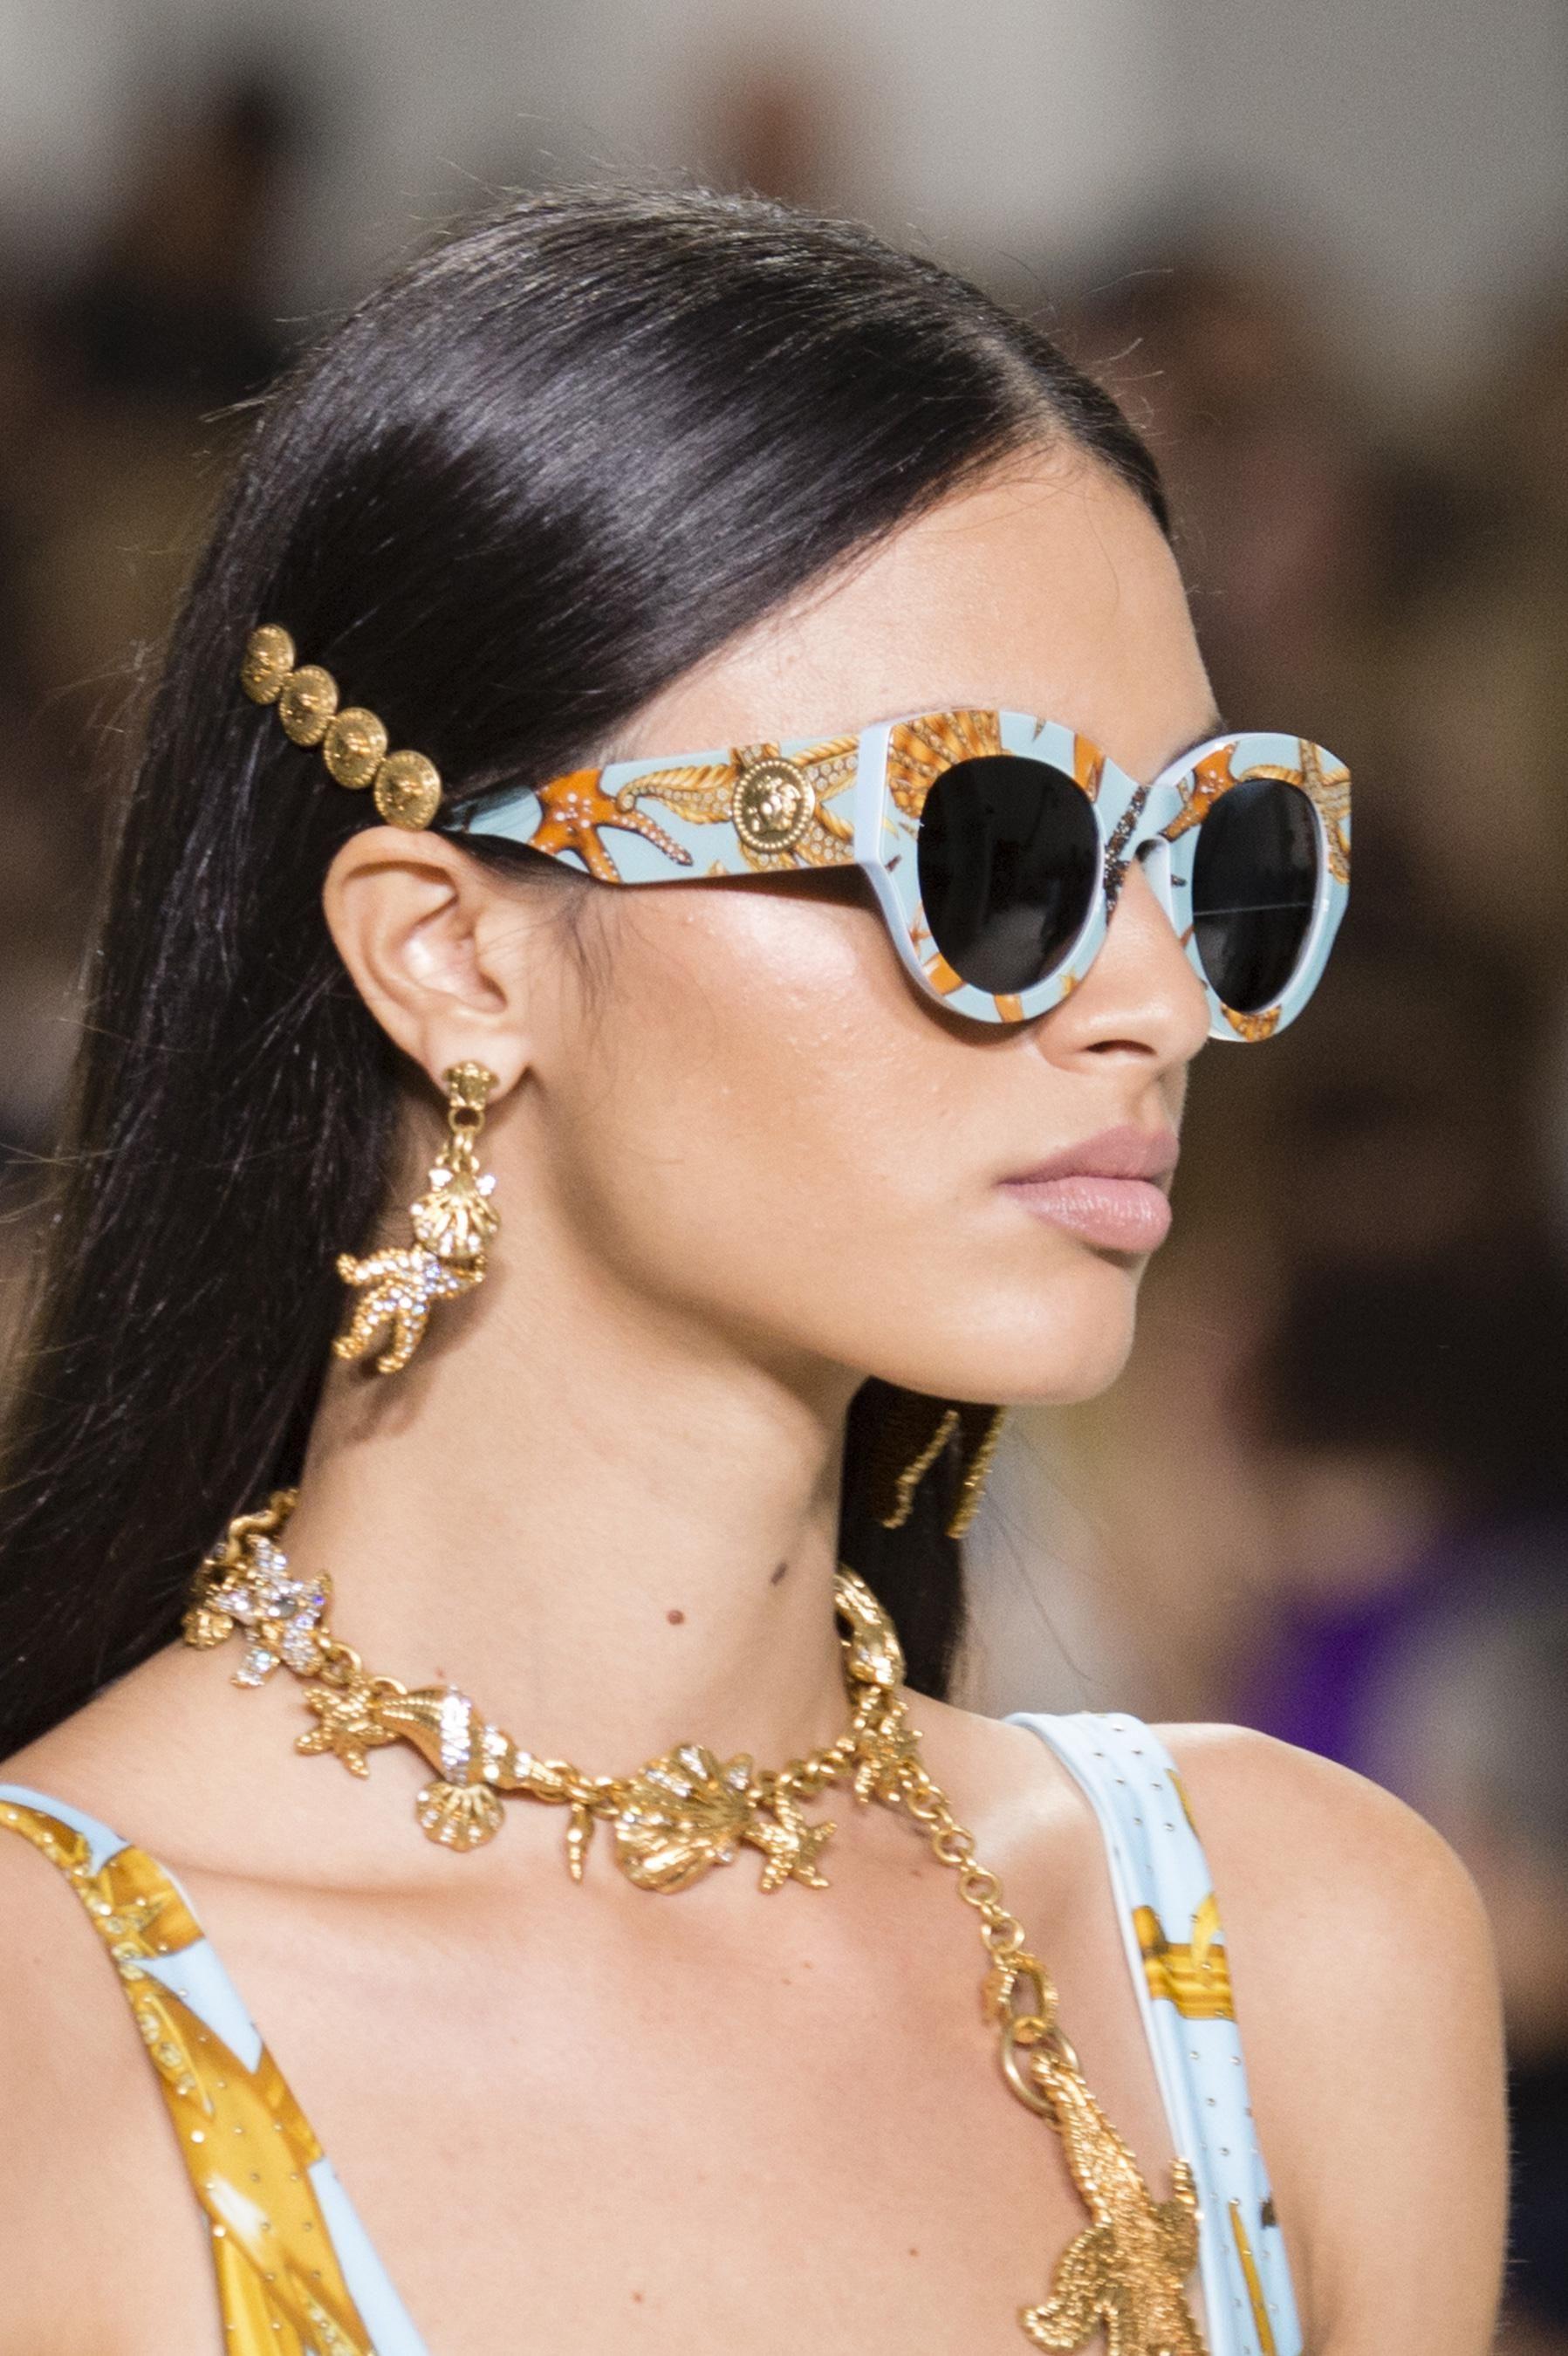 579638bf0f9 Défilé Versace printemps-été 2018 Prêt-à-porter